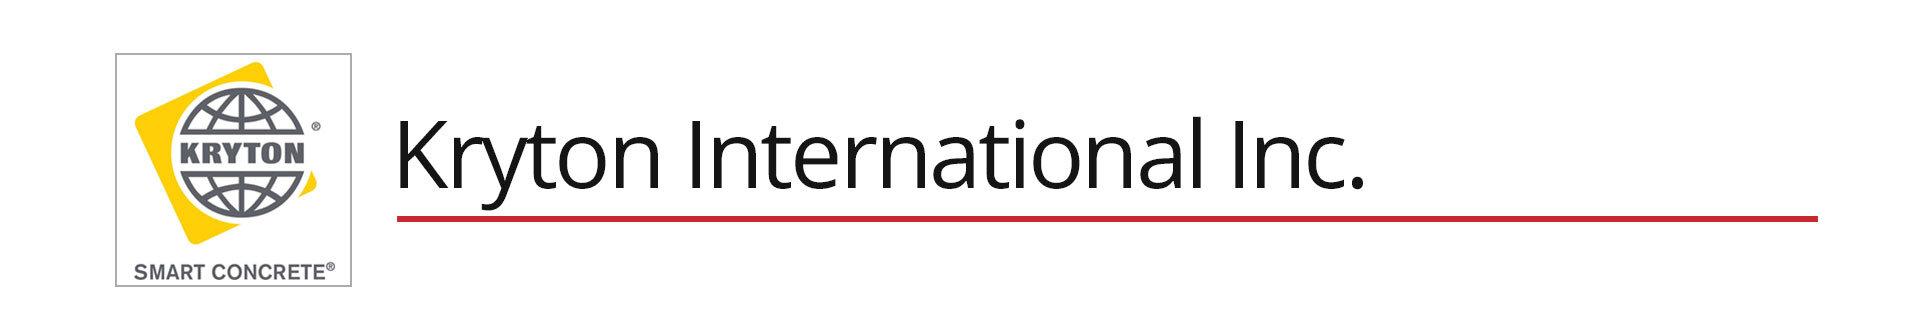 Kryton-International_CADBlock-Header.jpg